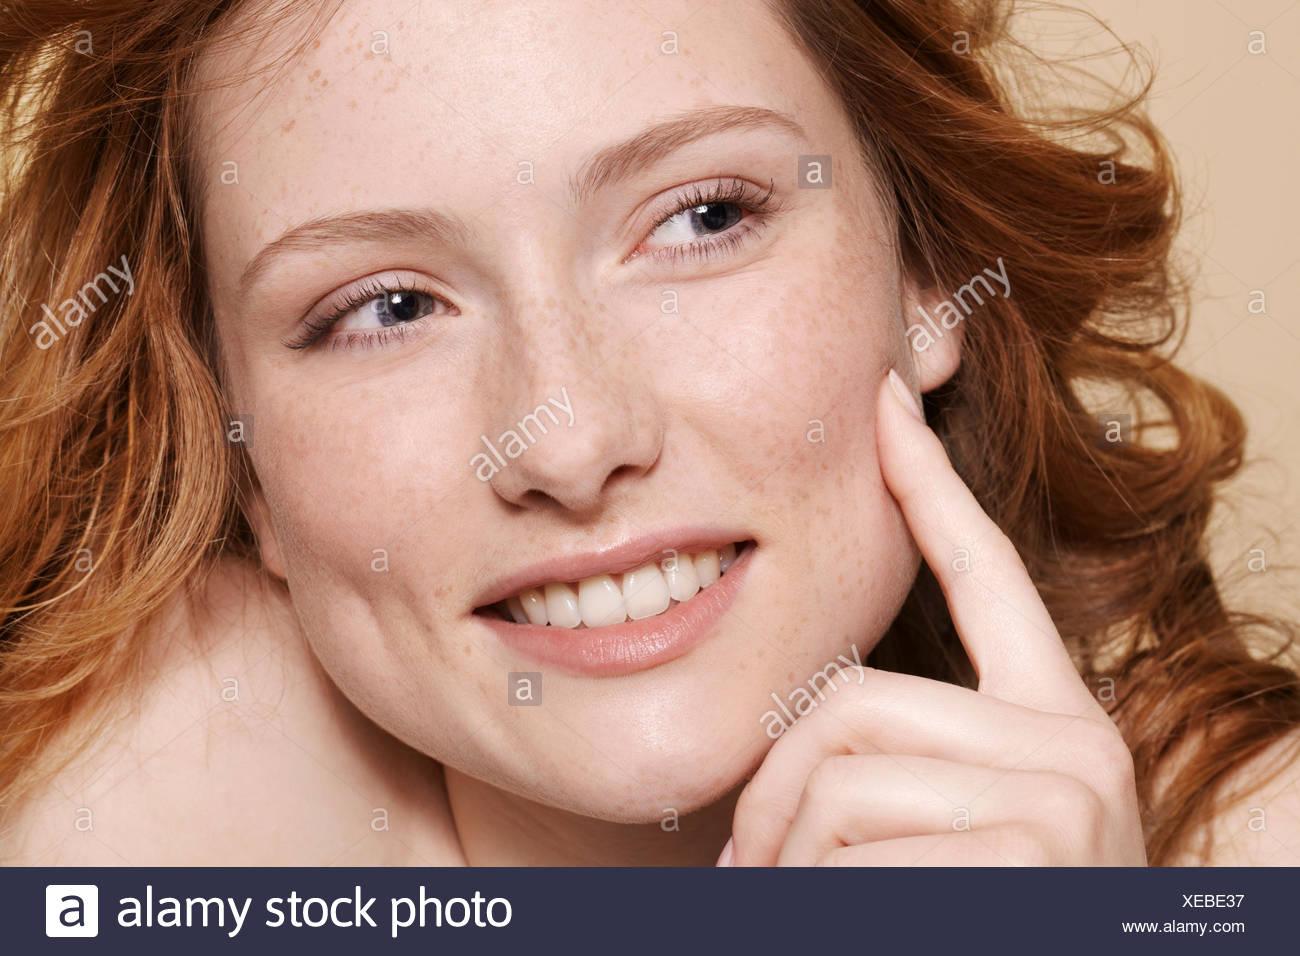 Foto de estudio de la mujer joven con pelo rojo rizado, con la mano en el mentón apuntando Imagen De Stock